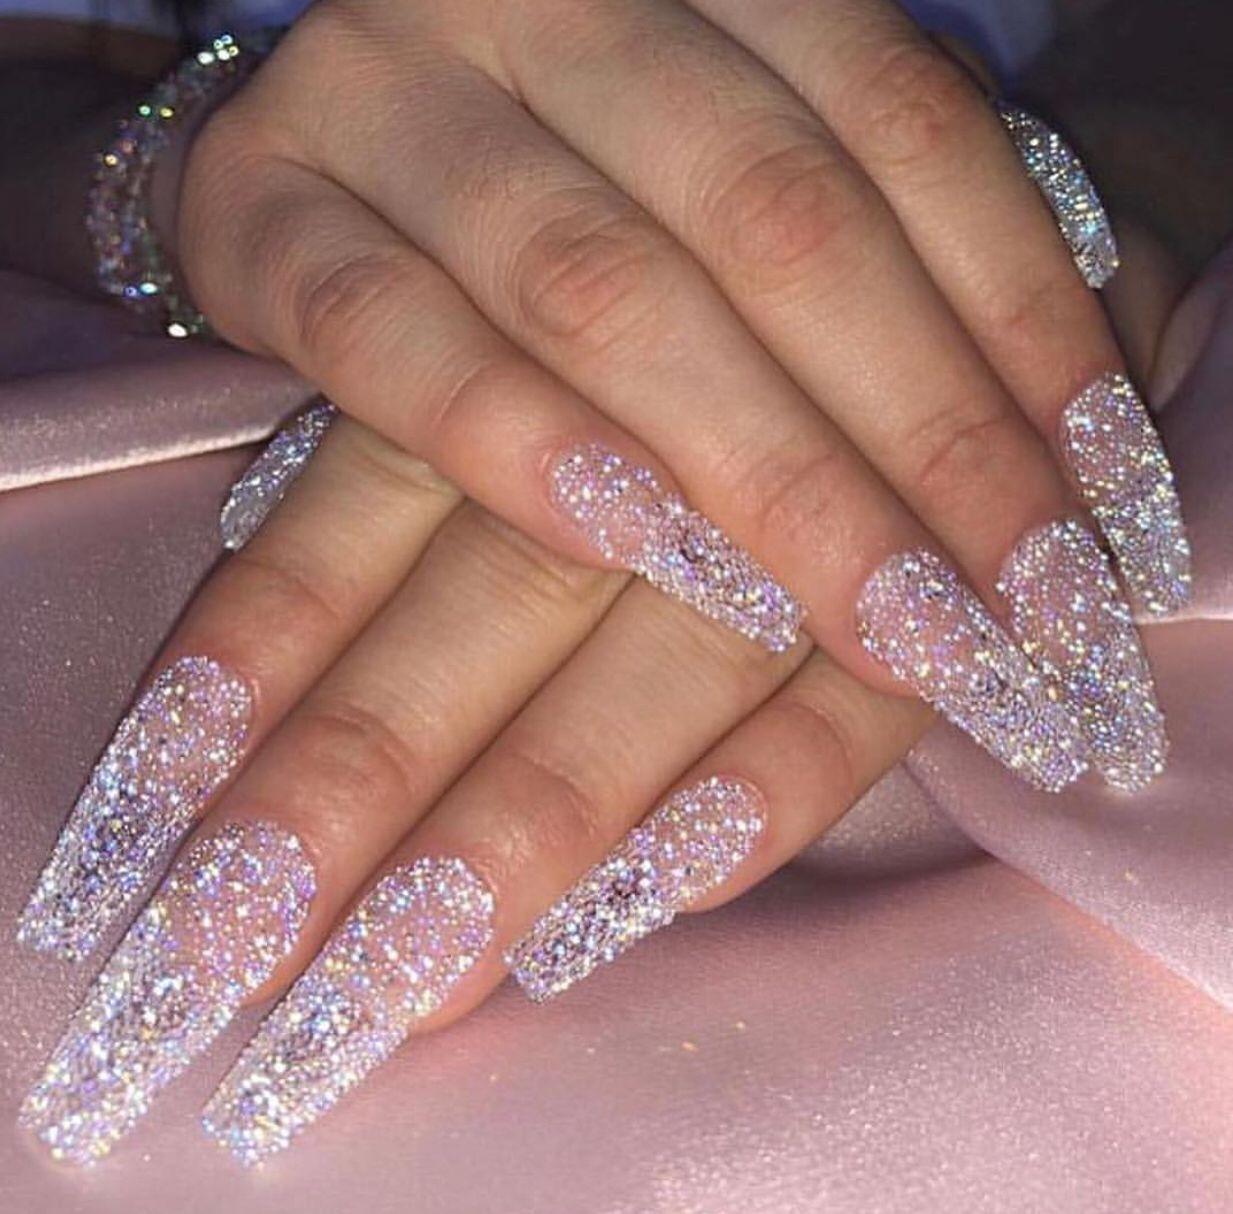 #ongles - ongles néon effet arc-en-ciel coffin nails